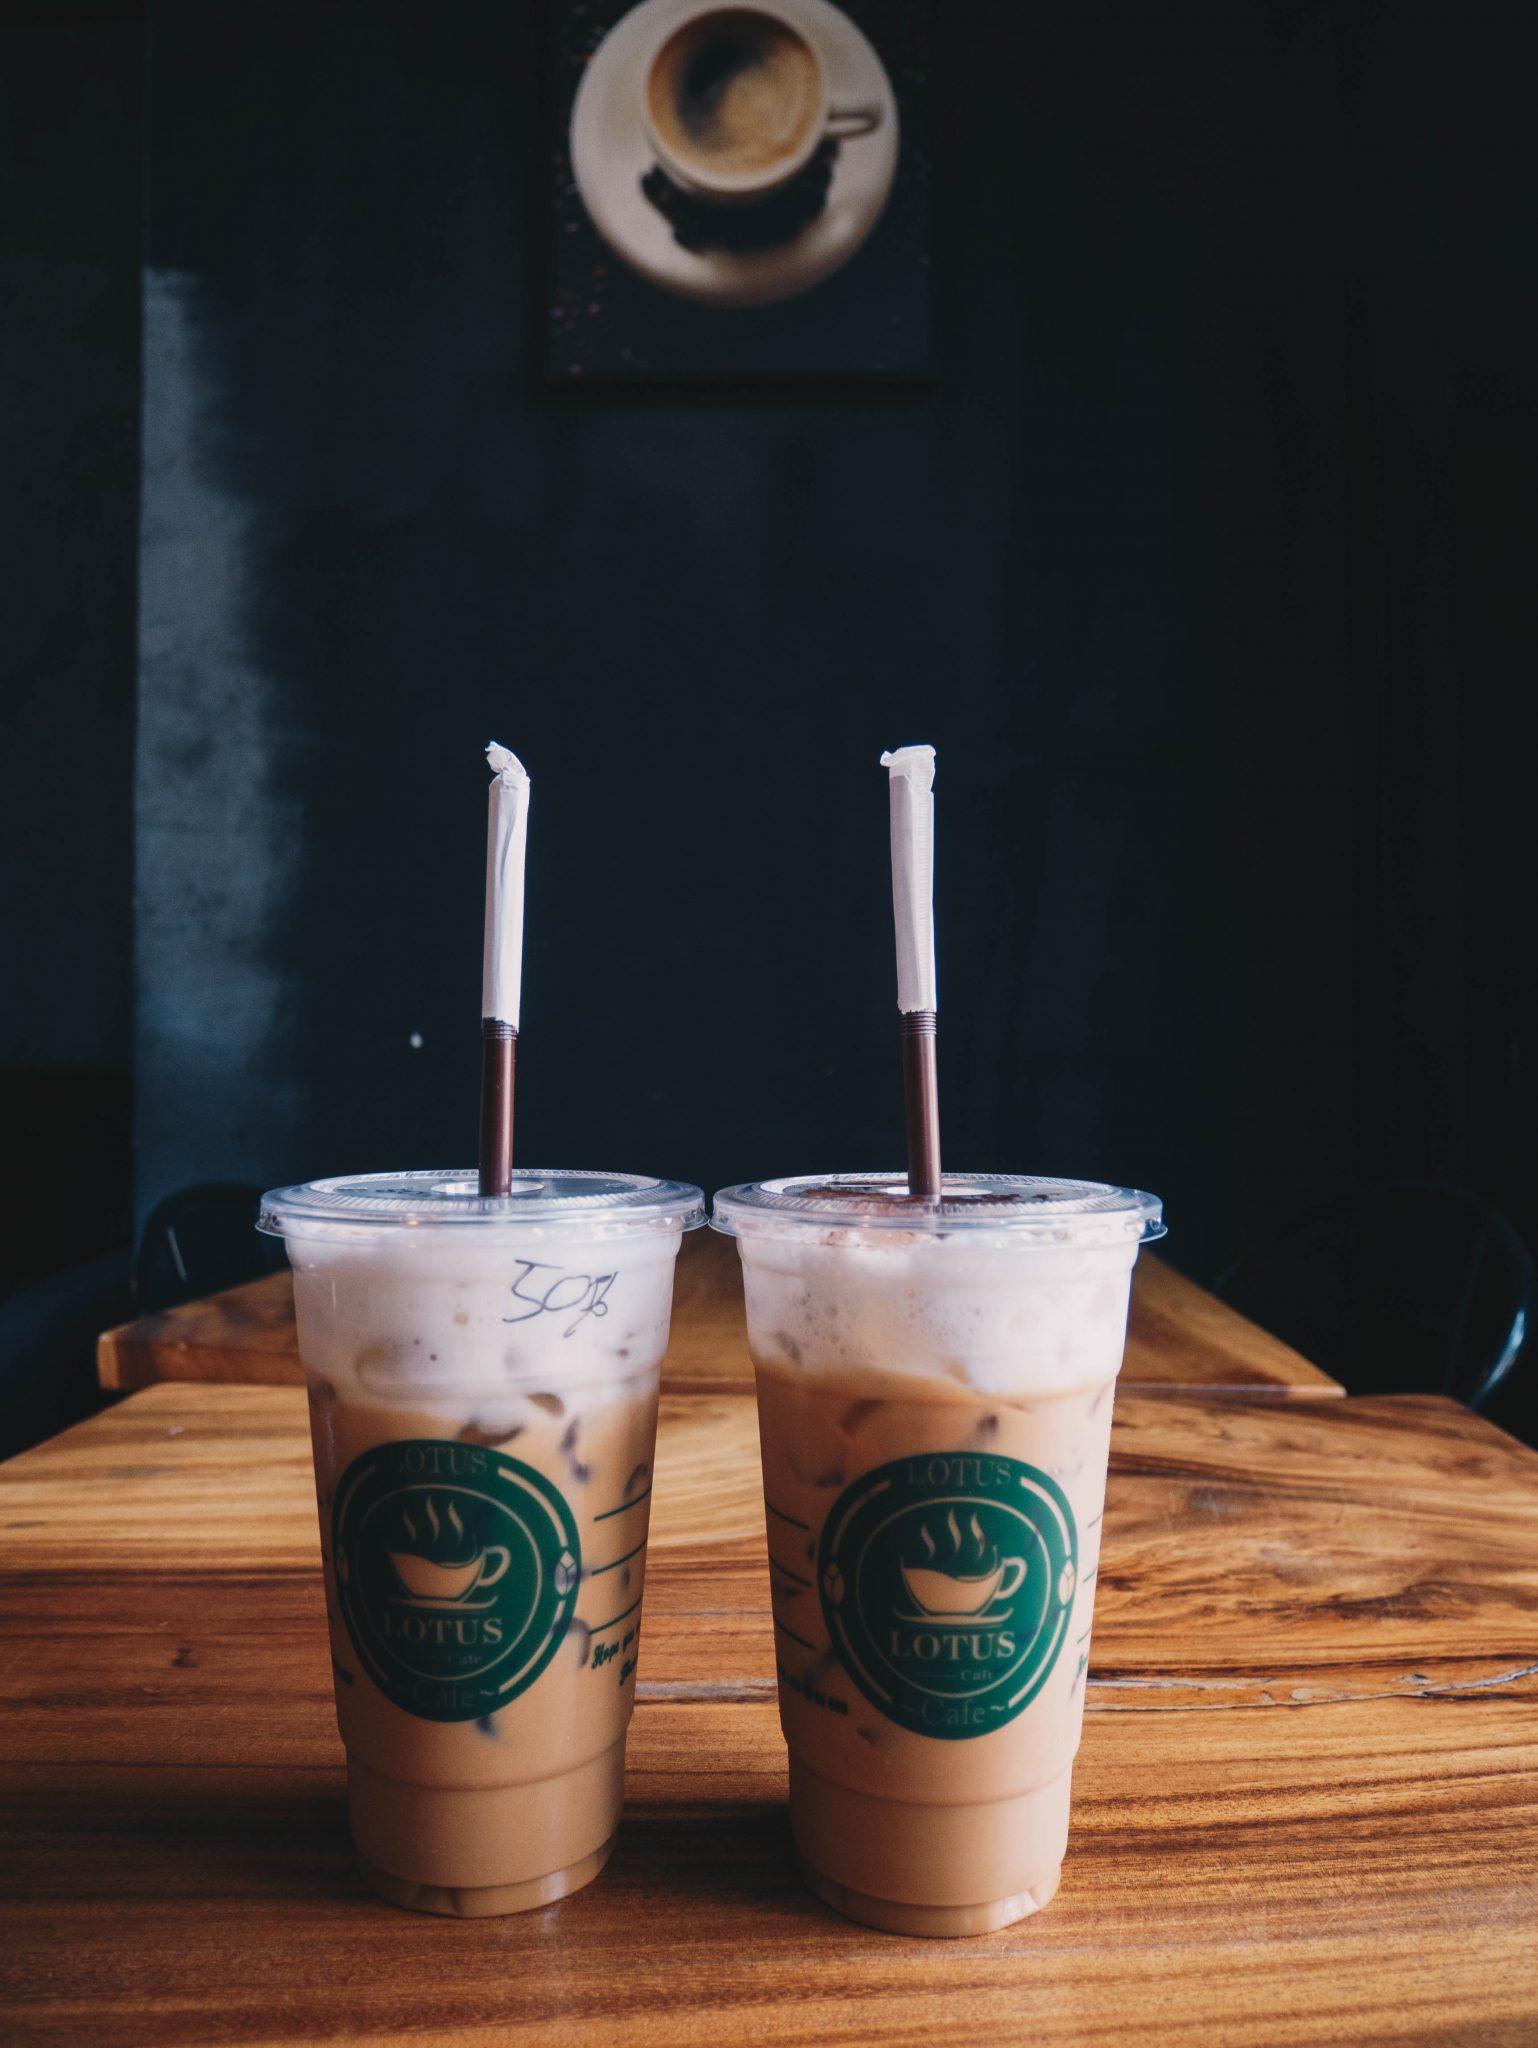 Lotus Cafe Kampot